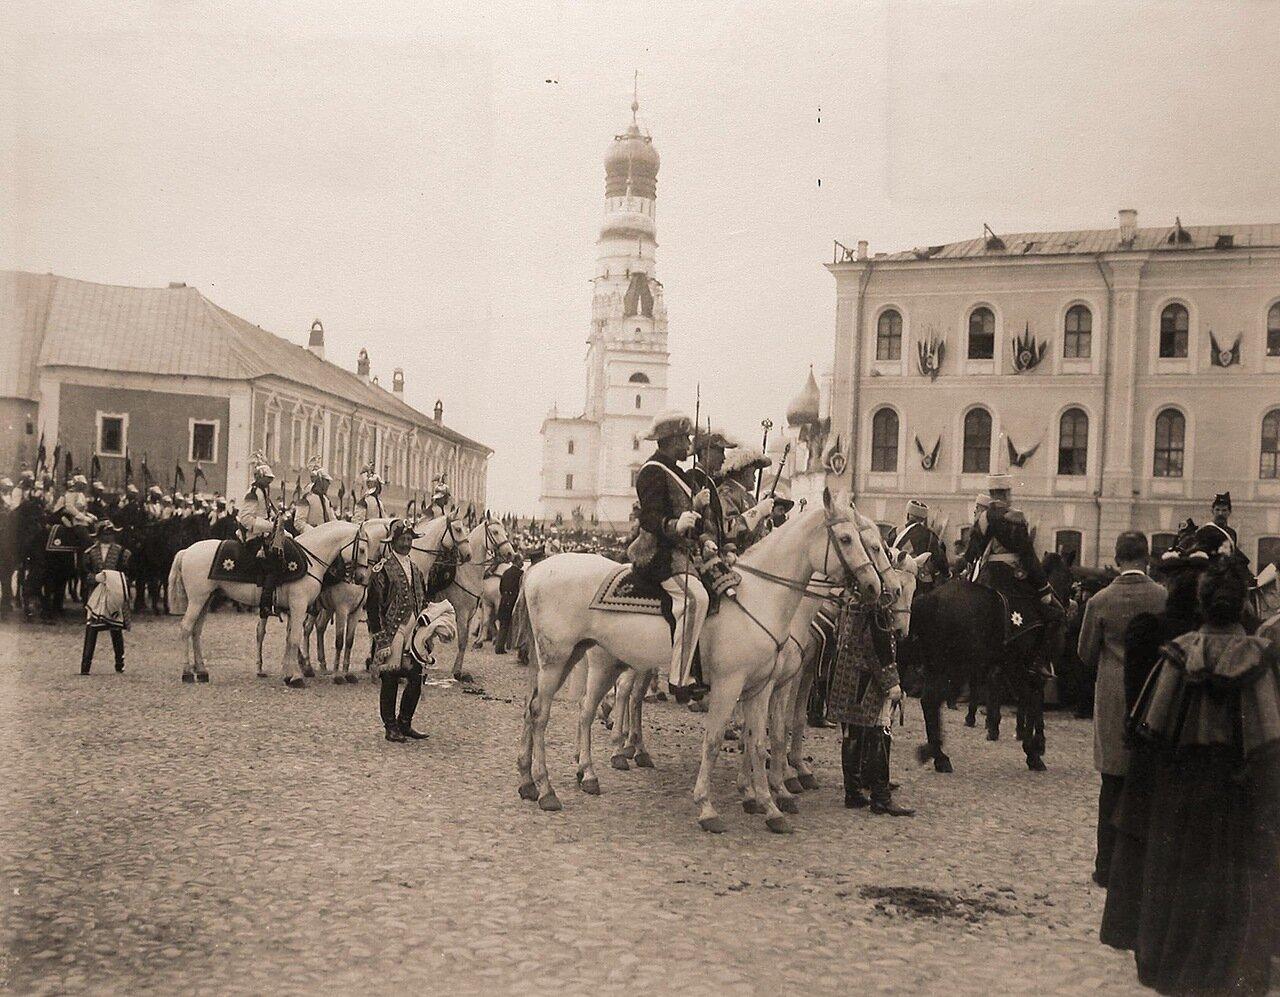 Герольды, сенатские секретари и кавалергарды направляются на Сенатскую площадь Кремля для объявления горожанам даты священного коронования; на втором плане в центре - колокольня Ивана Великого